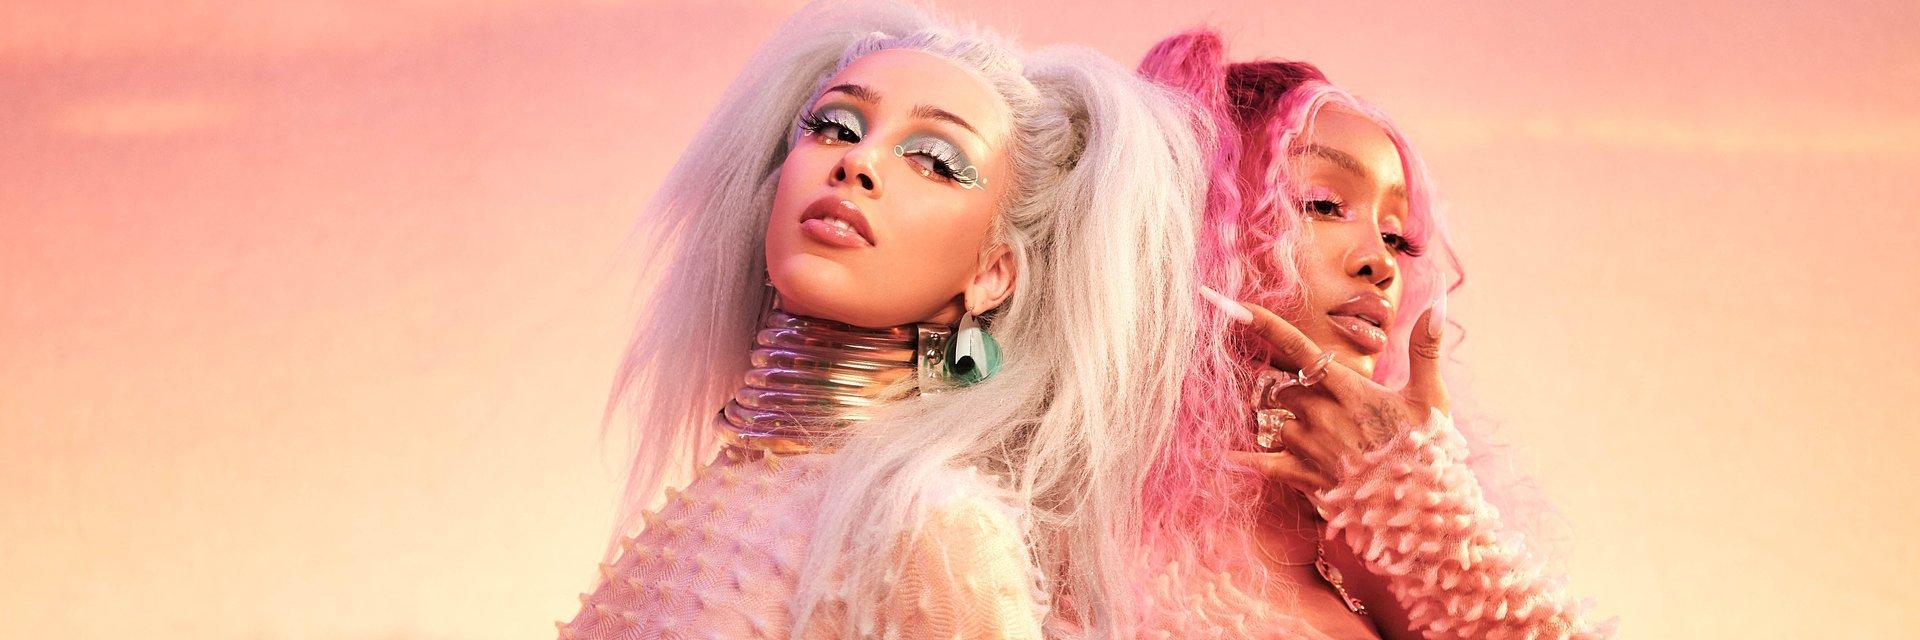 Witajcie na PLANET HER! Doja Cat przedstawia singiel Kiss Me More ft SZA i zapowiada album!